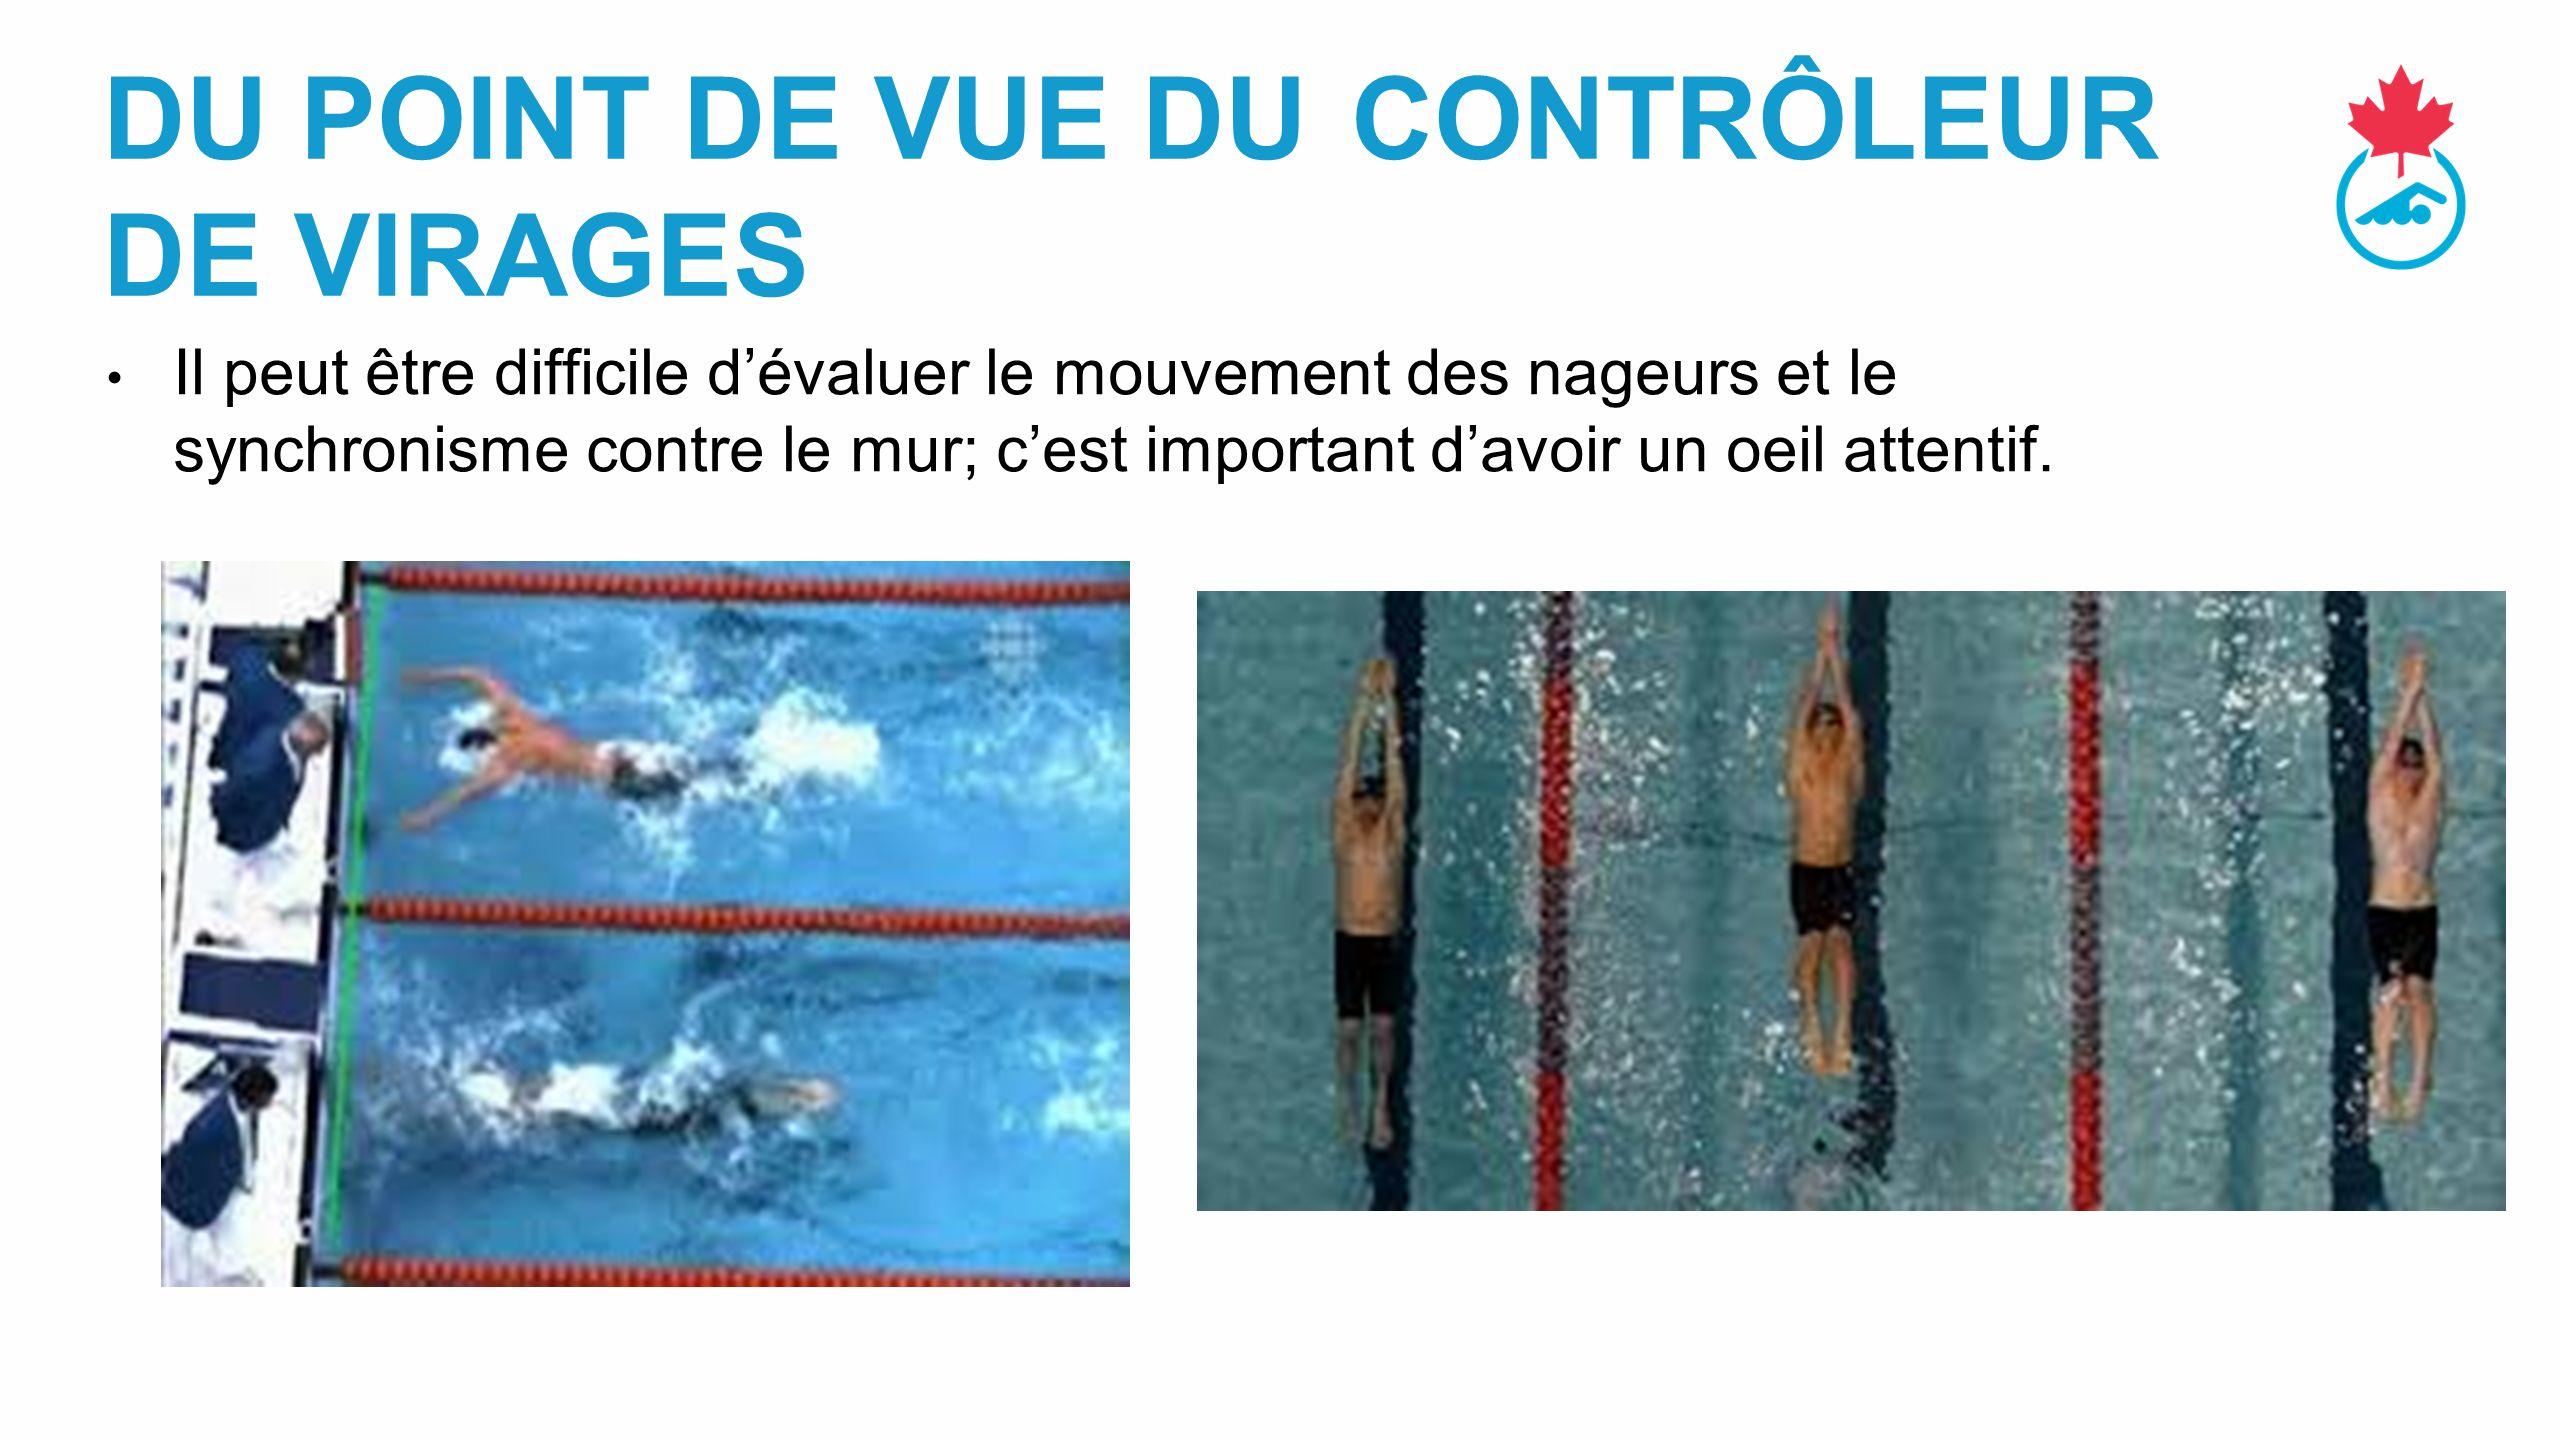 DU POINT DE VUE DU CONTRÔLEUR DE VIRAGES Il peut être difficile d'évaluer le mouvement des nageurs et le synchronisme contre le mur; c'est important d'avoir un oeil attentif.